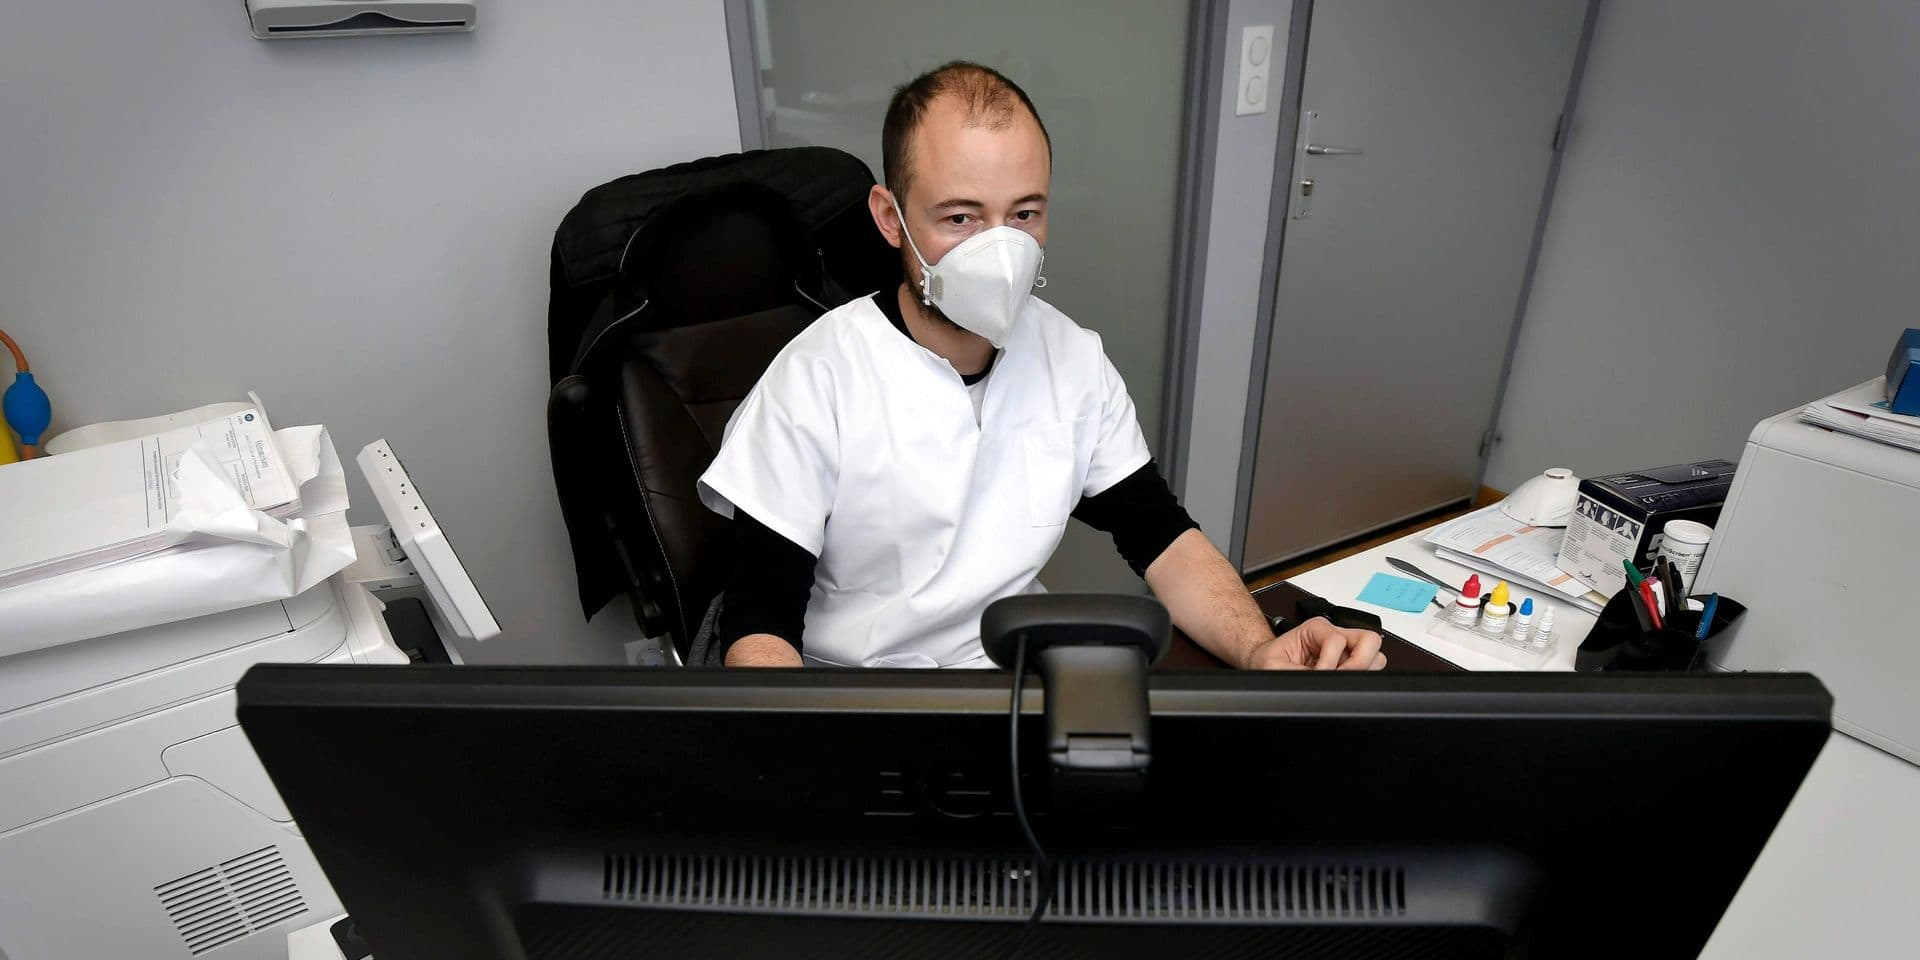 Sciensano lance une version 2.0 du baromètre Covid-19 auprès des médecins généralistes